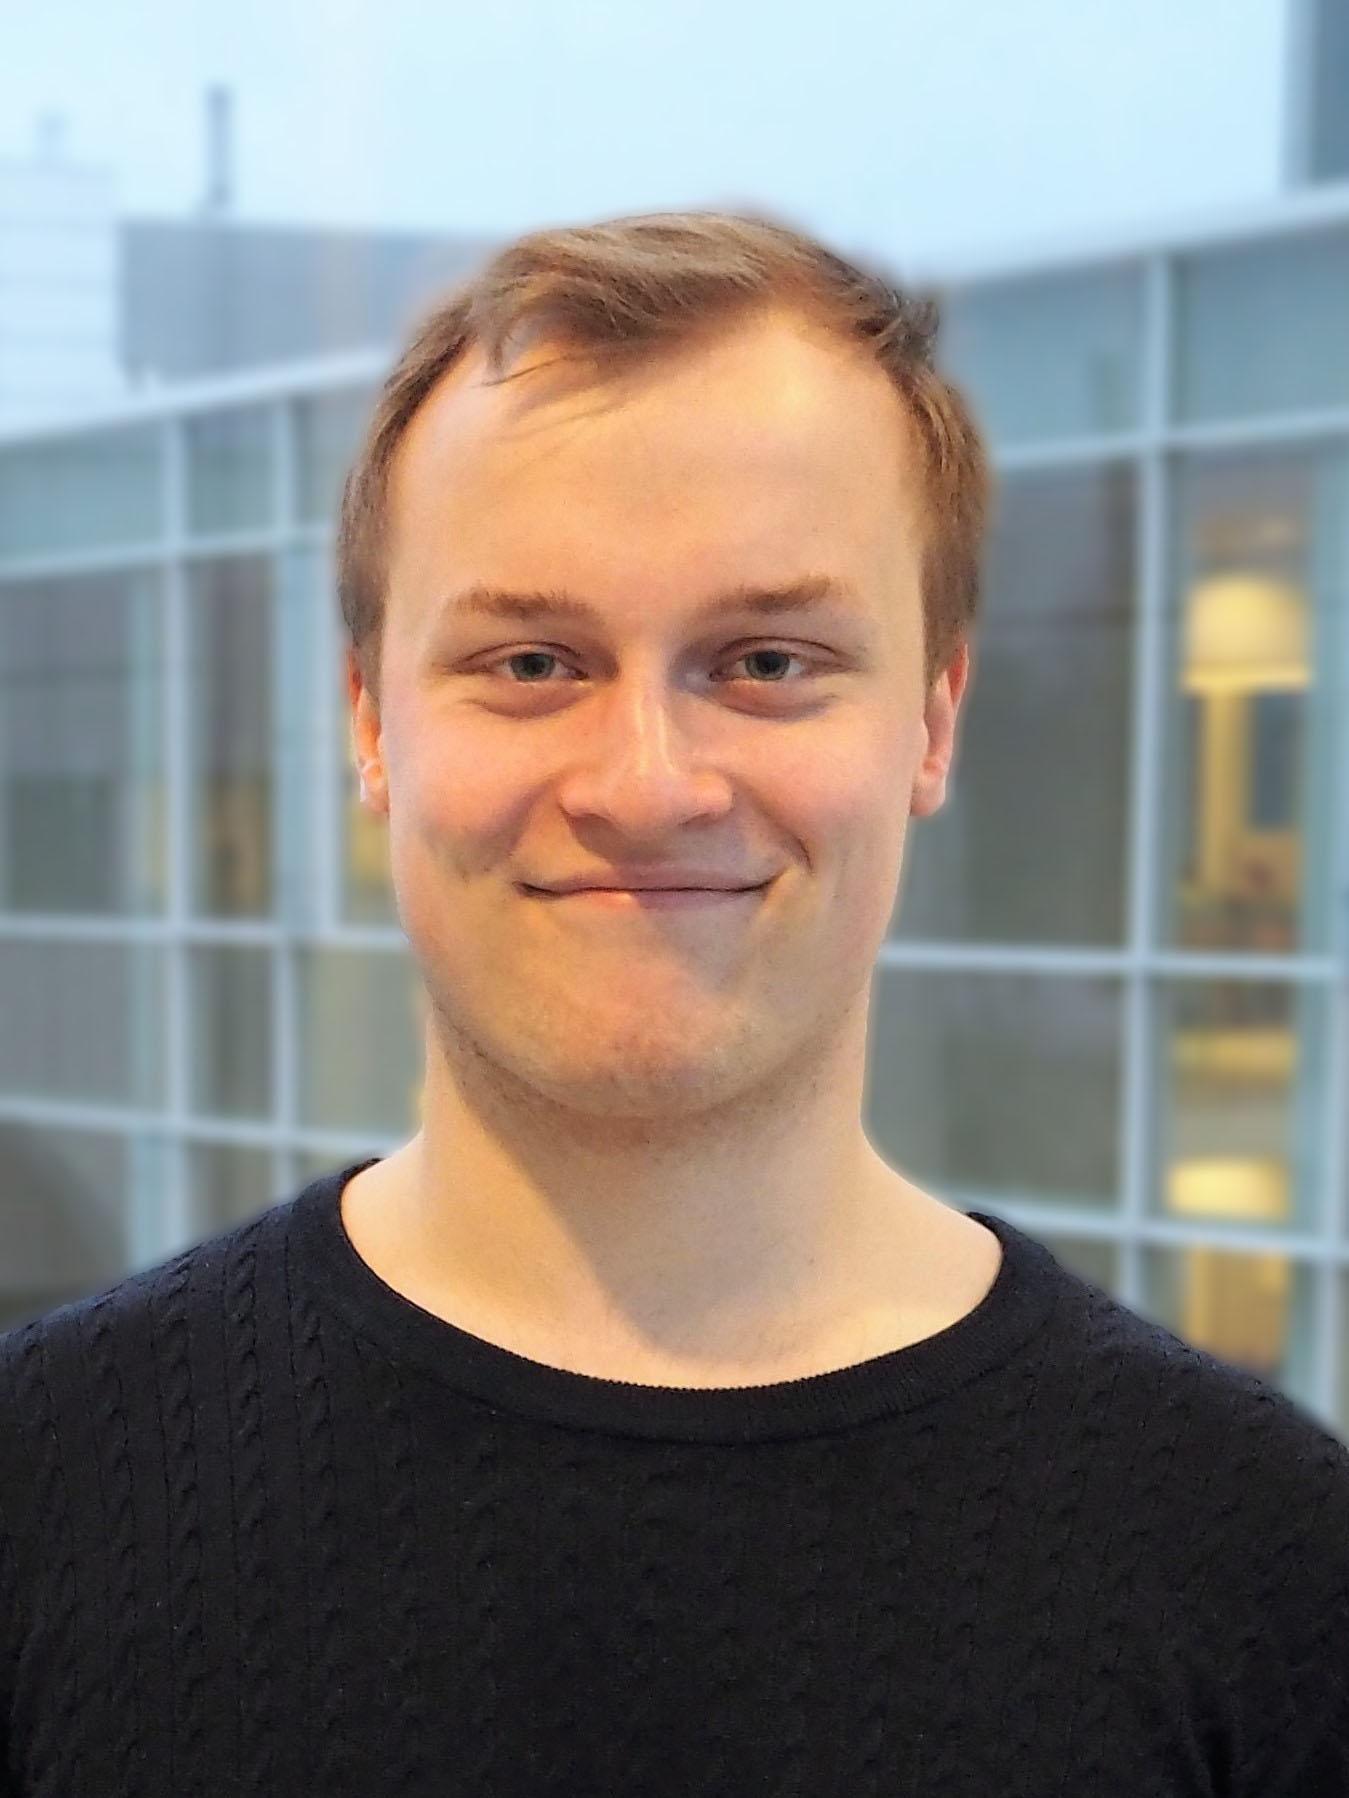 Pekka Tuovinen (T-klubi)